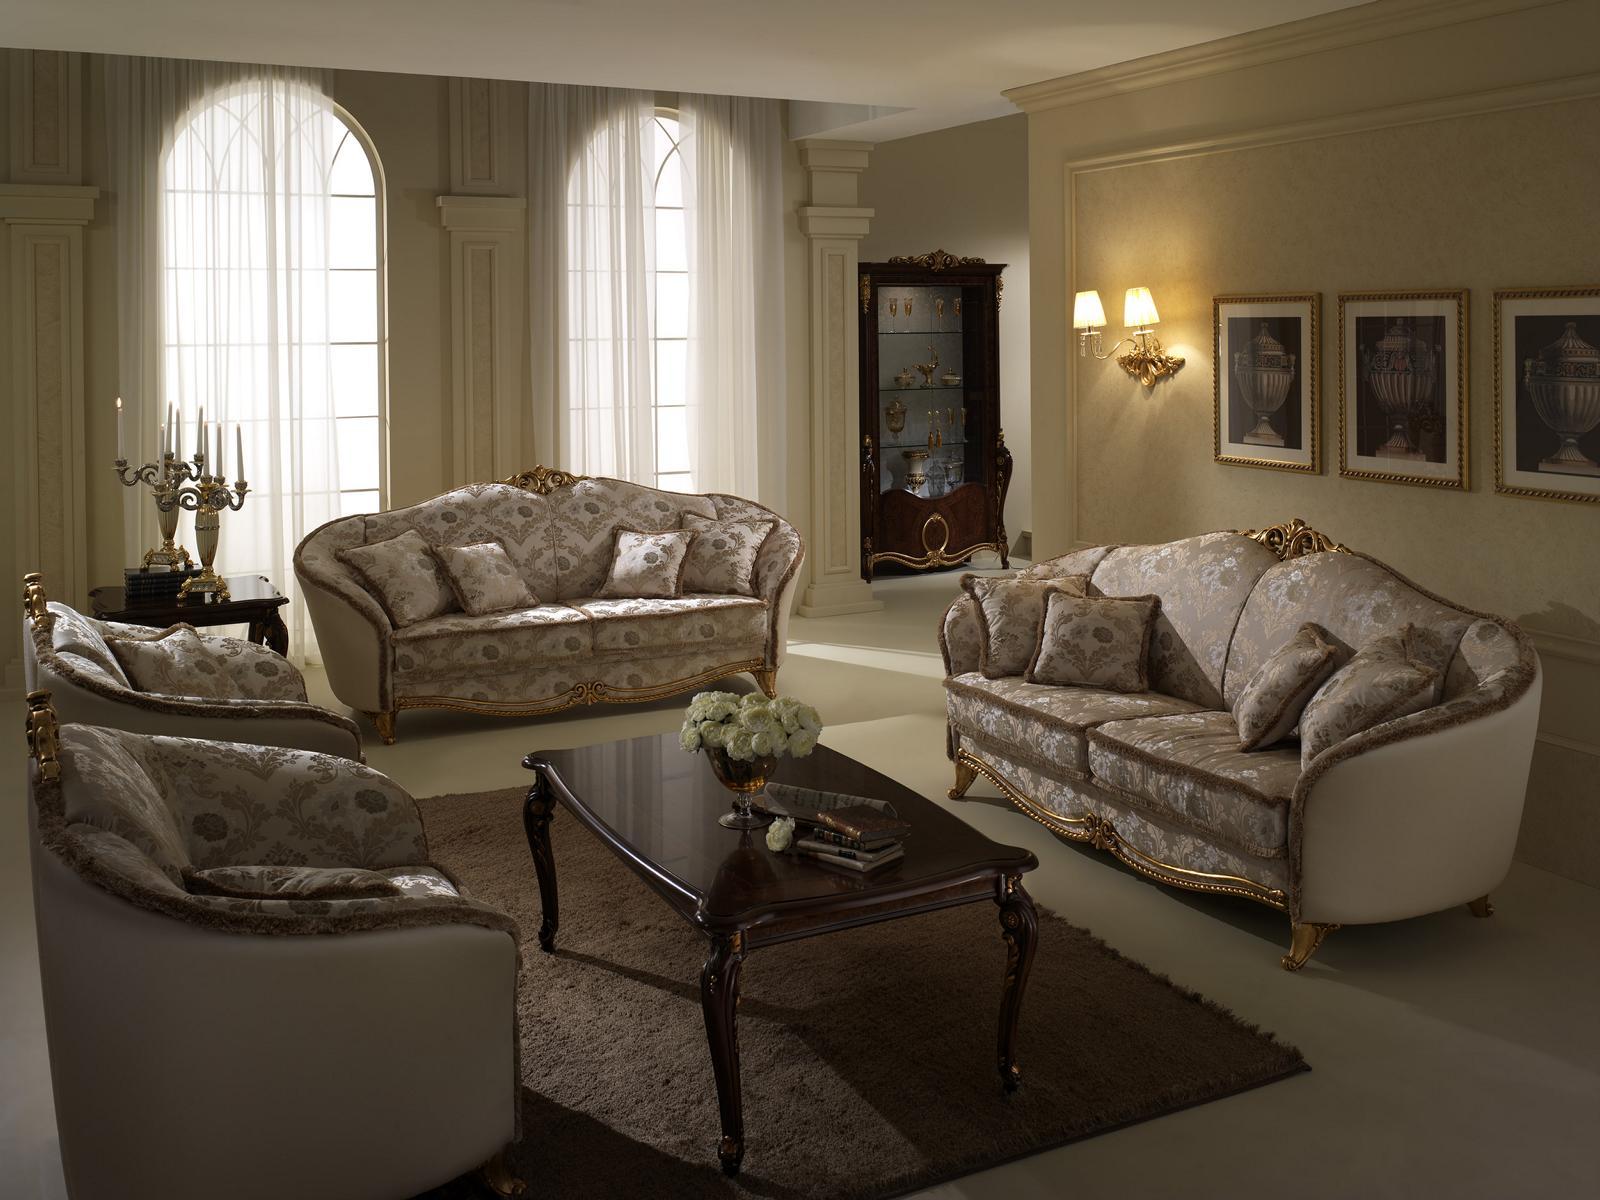 Luxus Klasse 3+2 Italienische Möbel Sofagarnitur Couch Sofa arredoclassic™ Neu